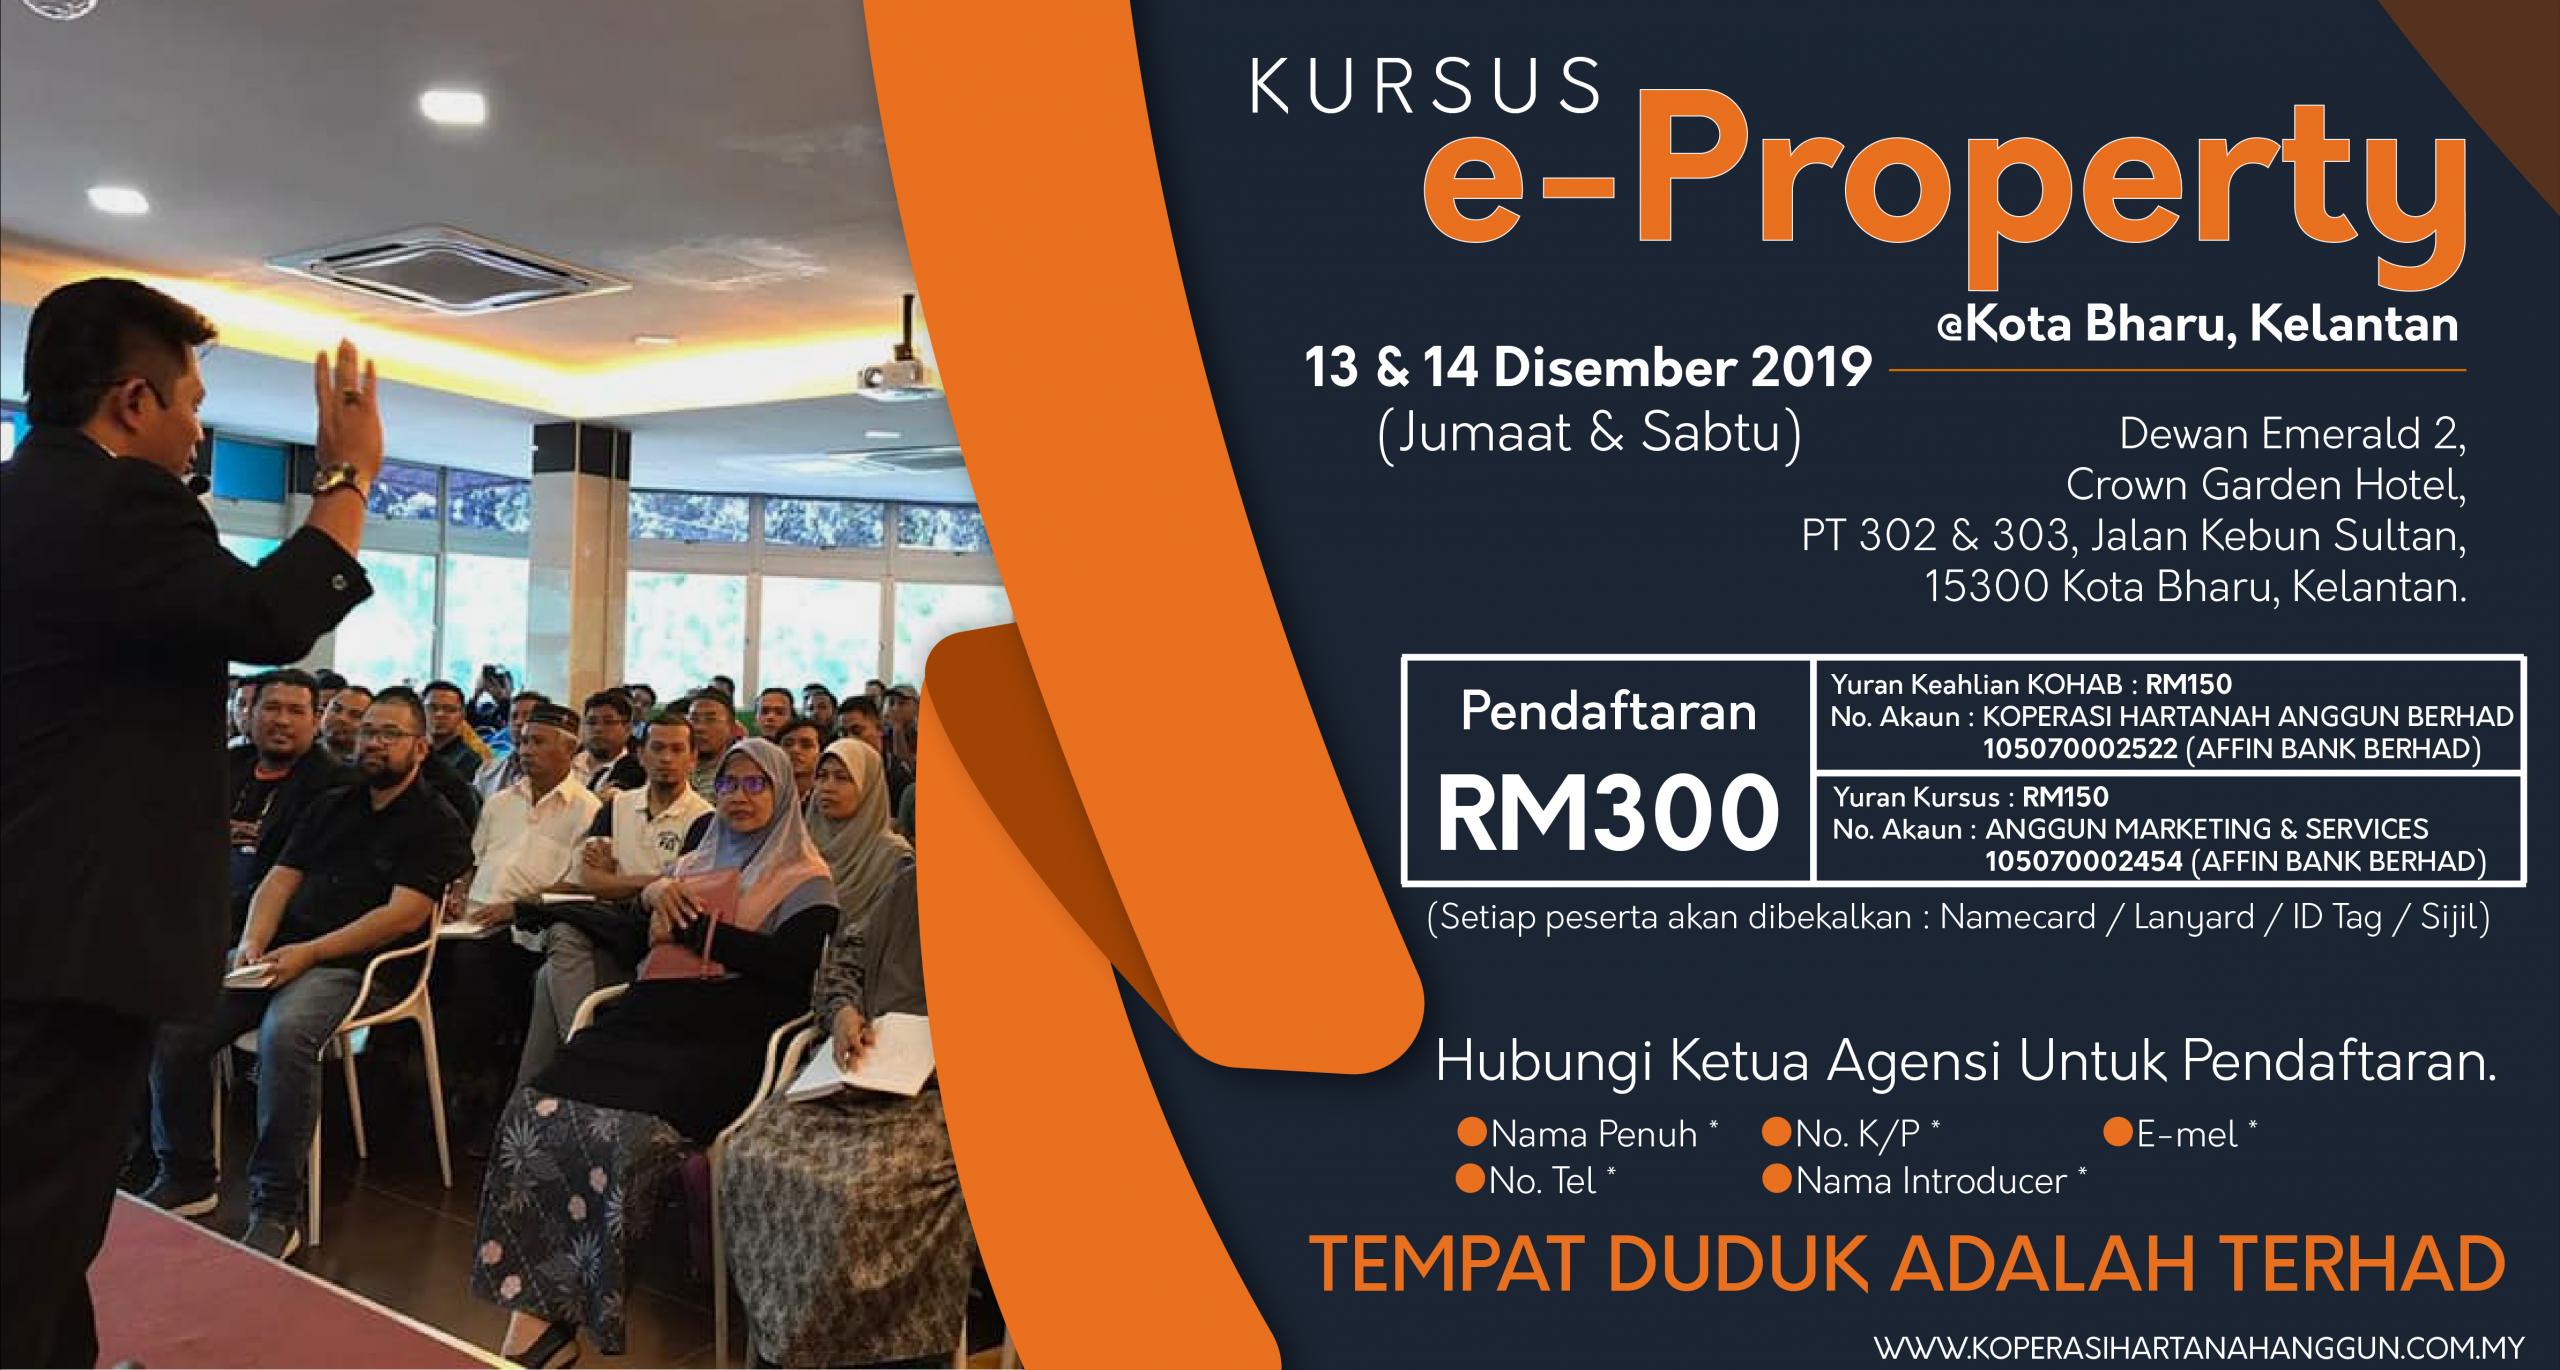 Kursus Perancangan & Perniagaan e-Property @Kota Bharu, Kelantan 1